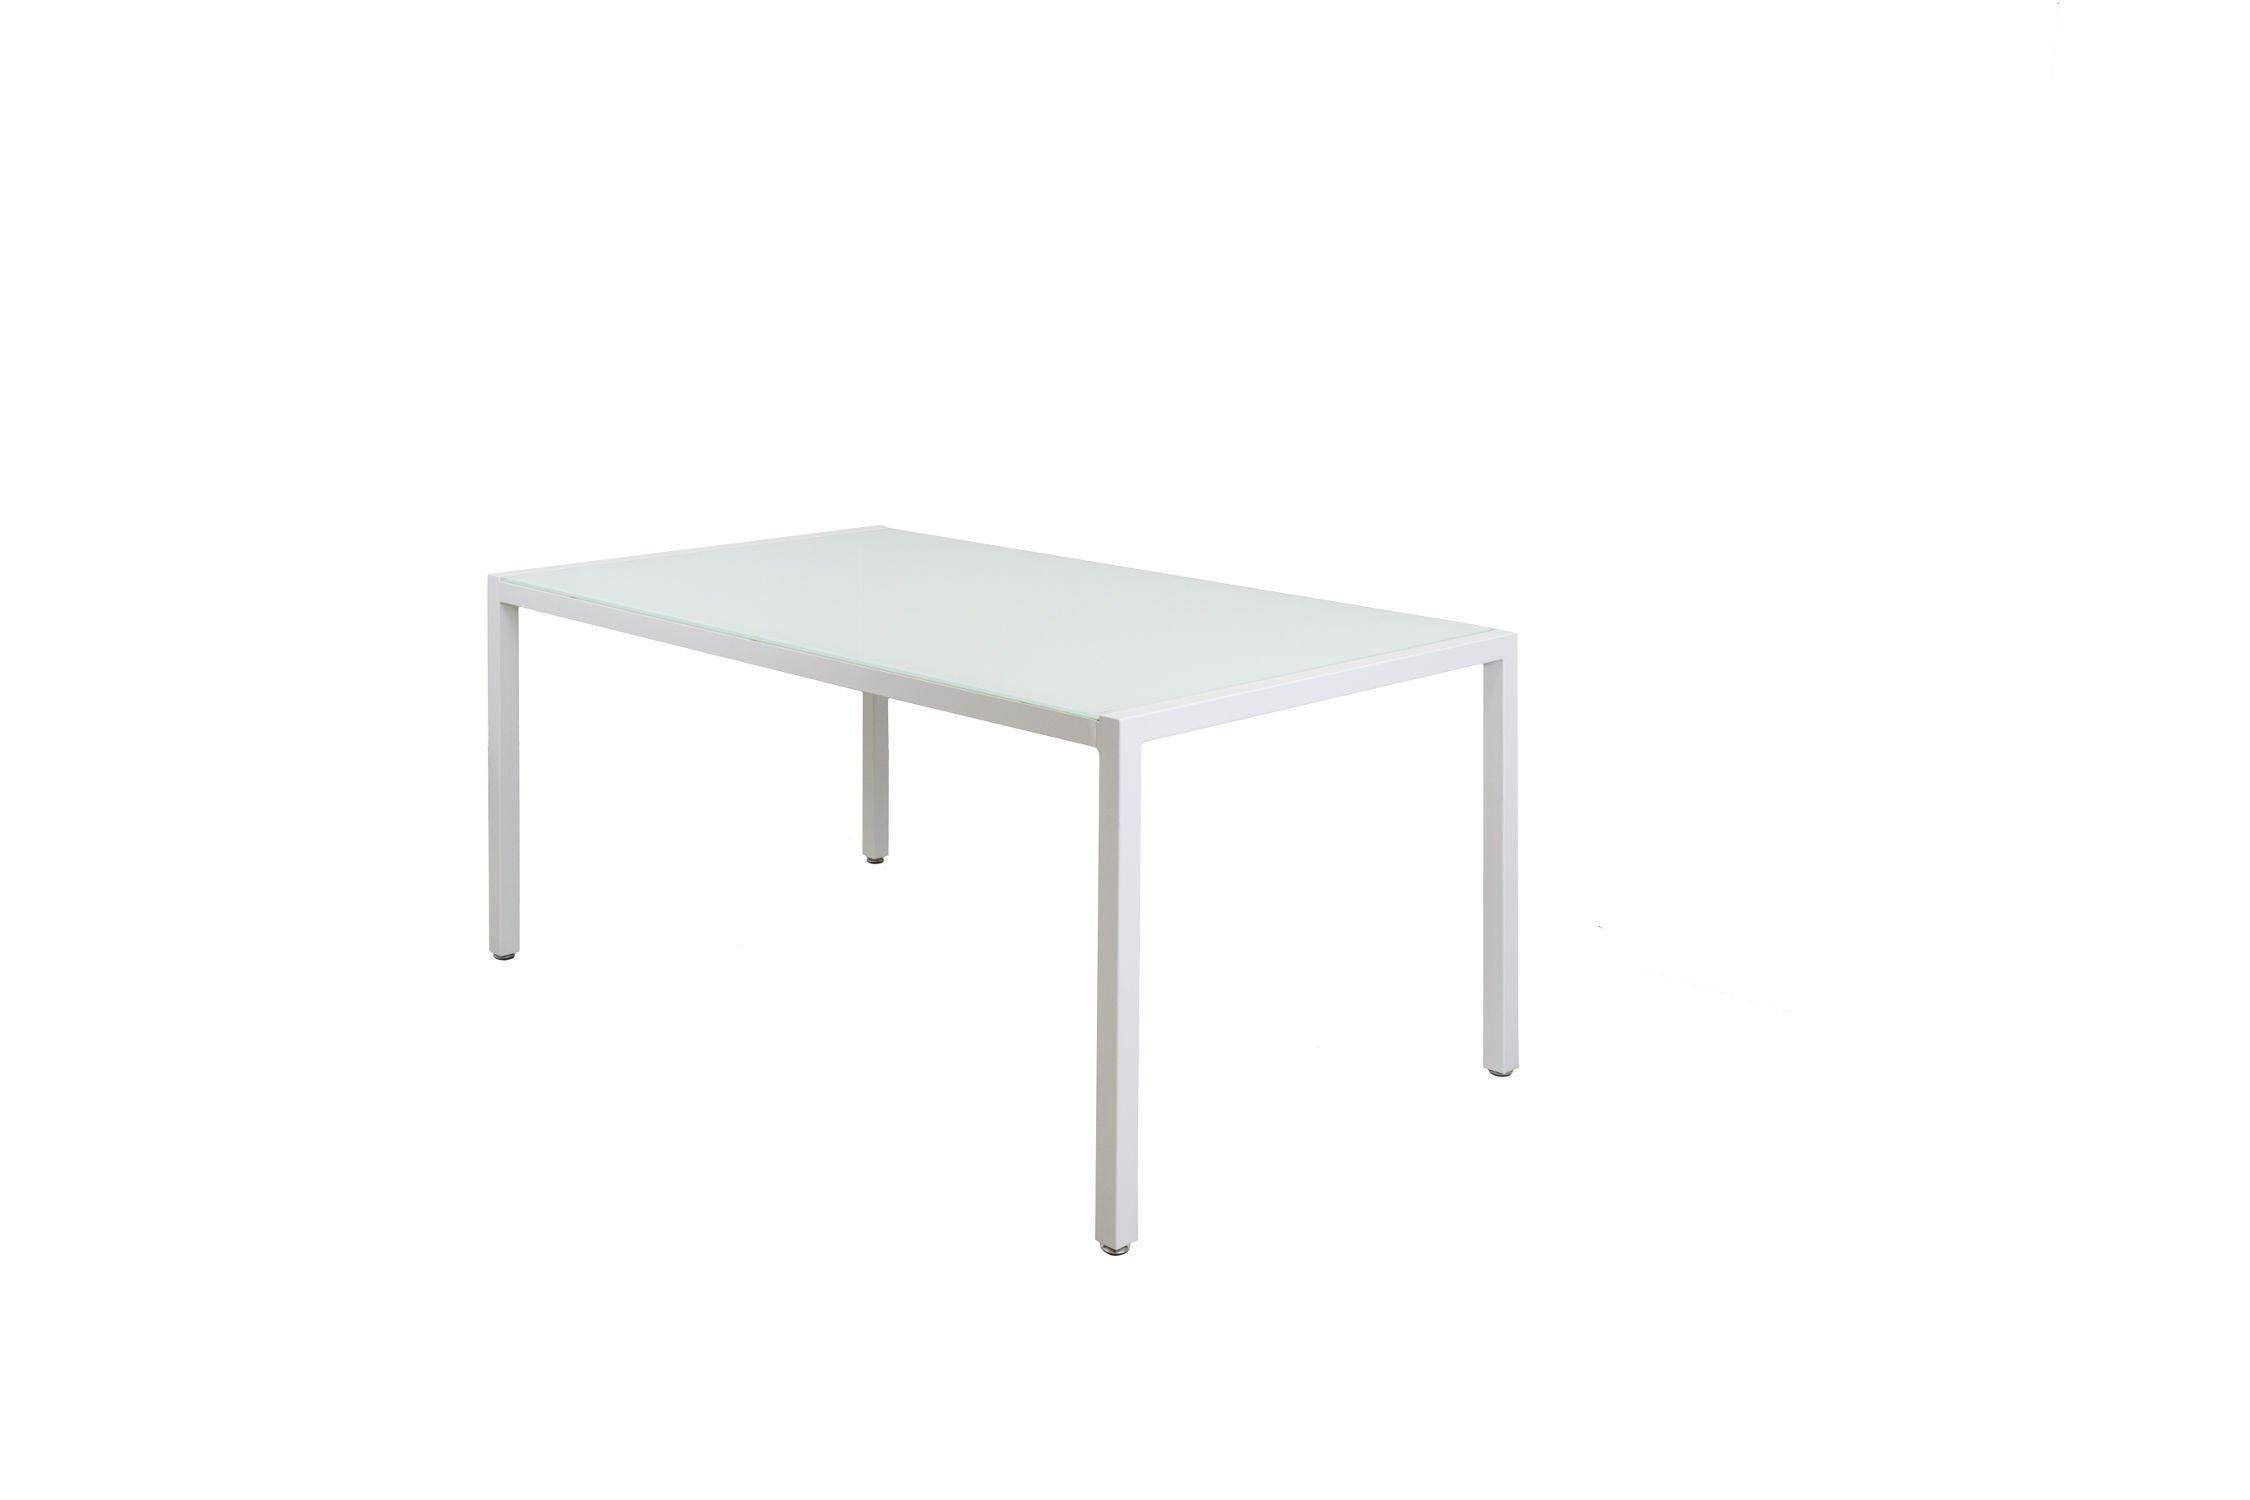 Sk Design St11 White Glass Table 160 X 90 Cm White Offer